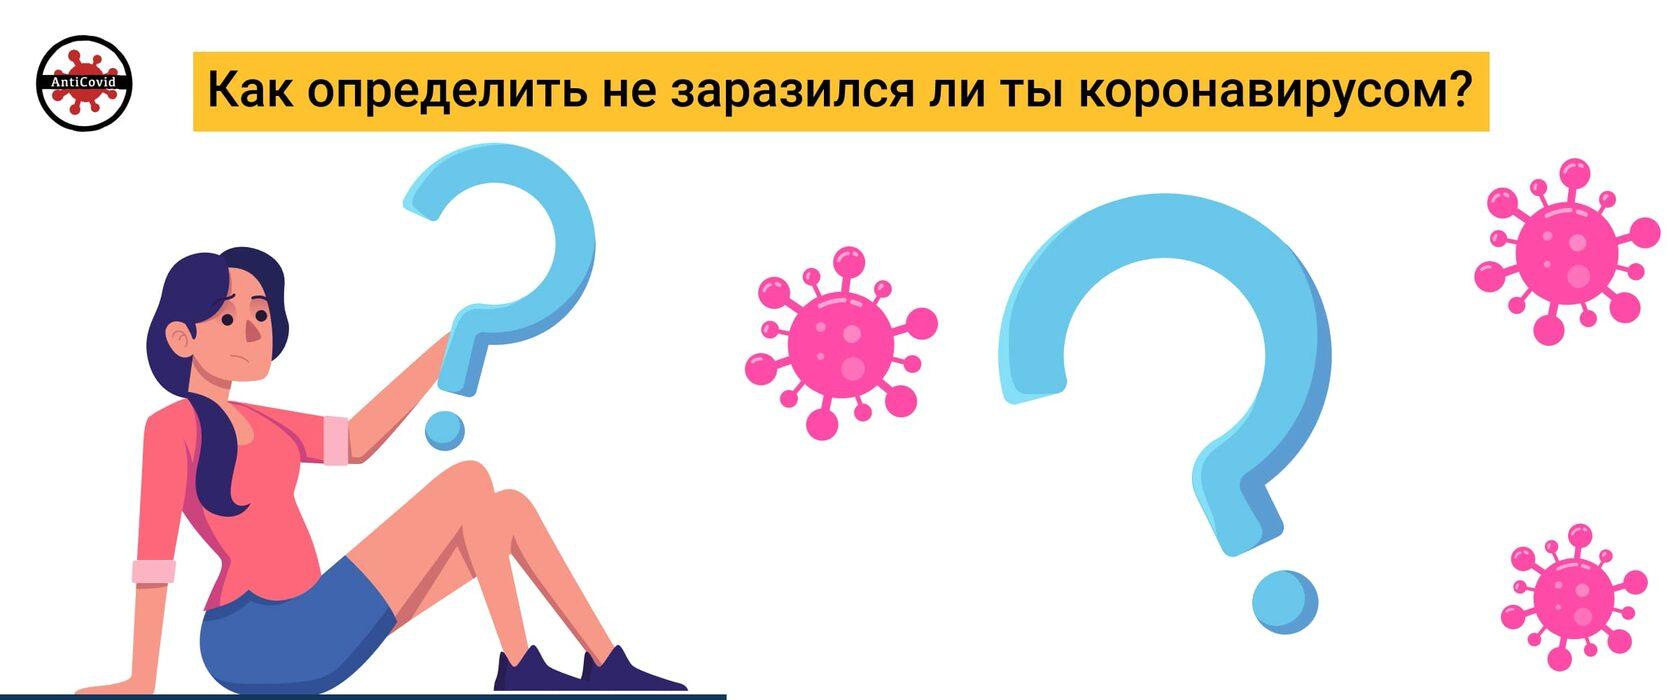 Как простому человеку, не медику, определить – заразился ли он коронавирусом, опасен ли он для окружающих или нет?